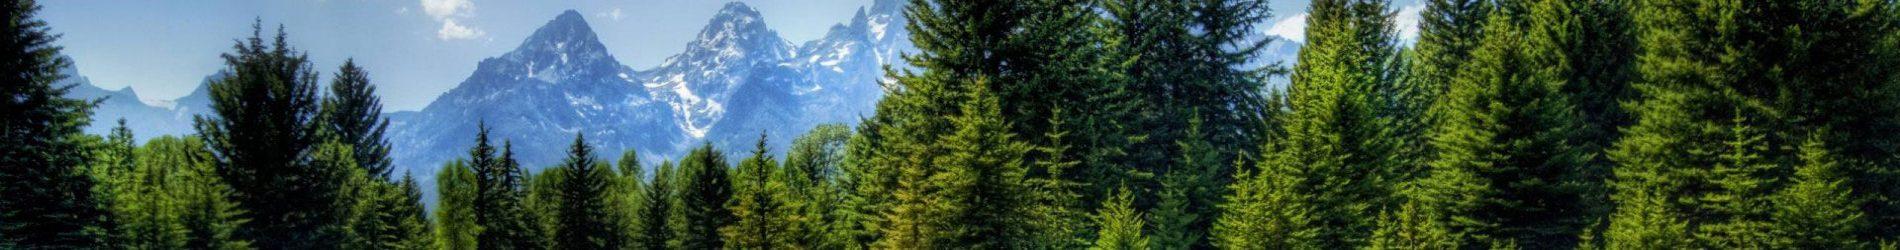 Metsatehnika Müük | Metsatehnika Hooldus | Metsatehnika Varuosade Müük